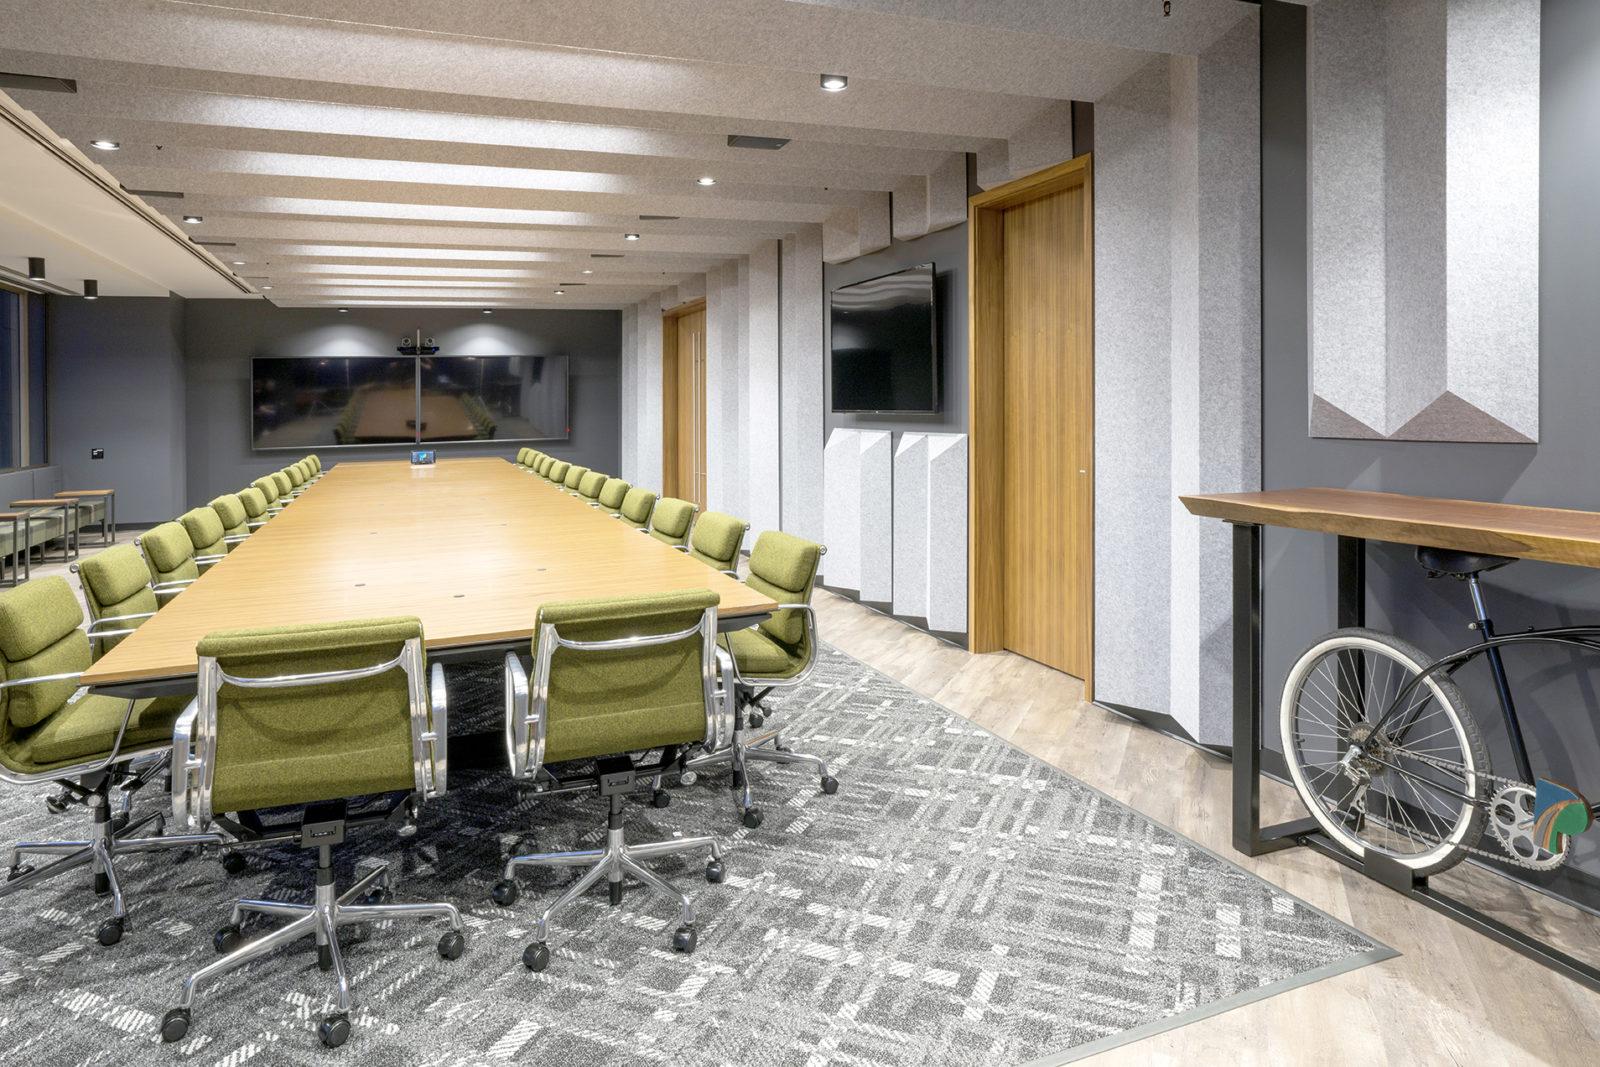 18th Floor Boardroom